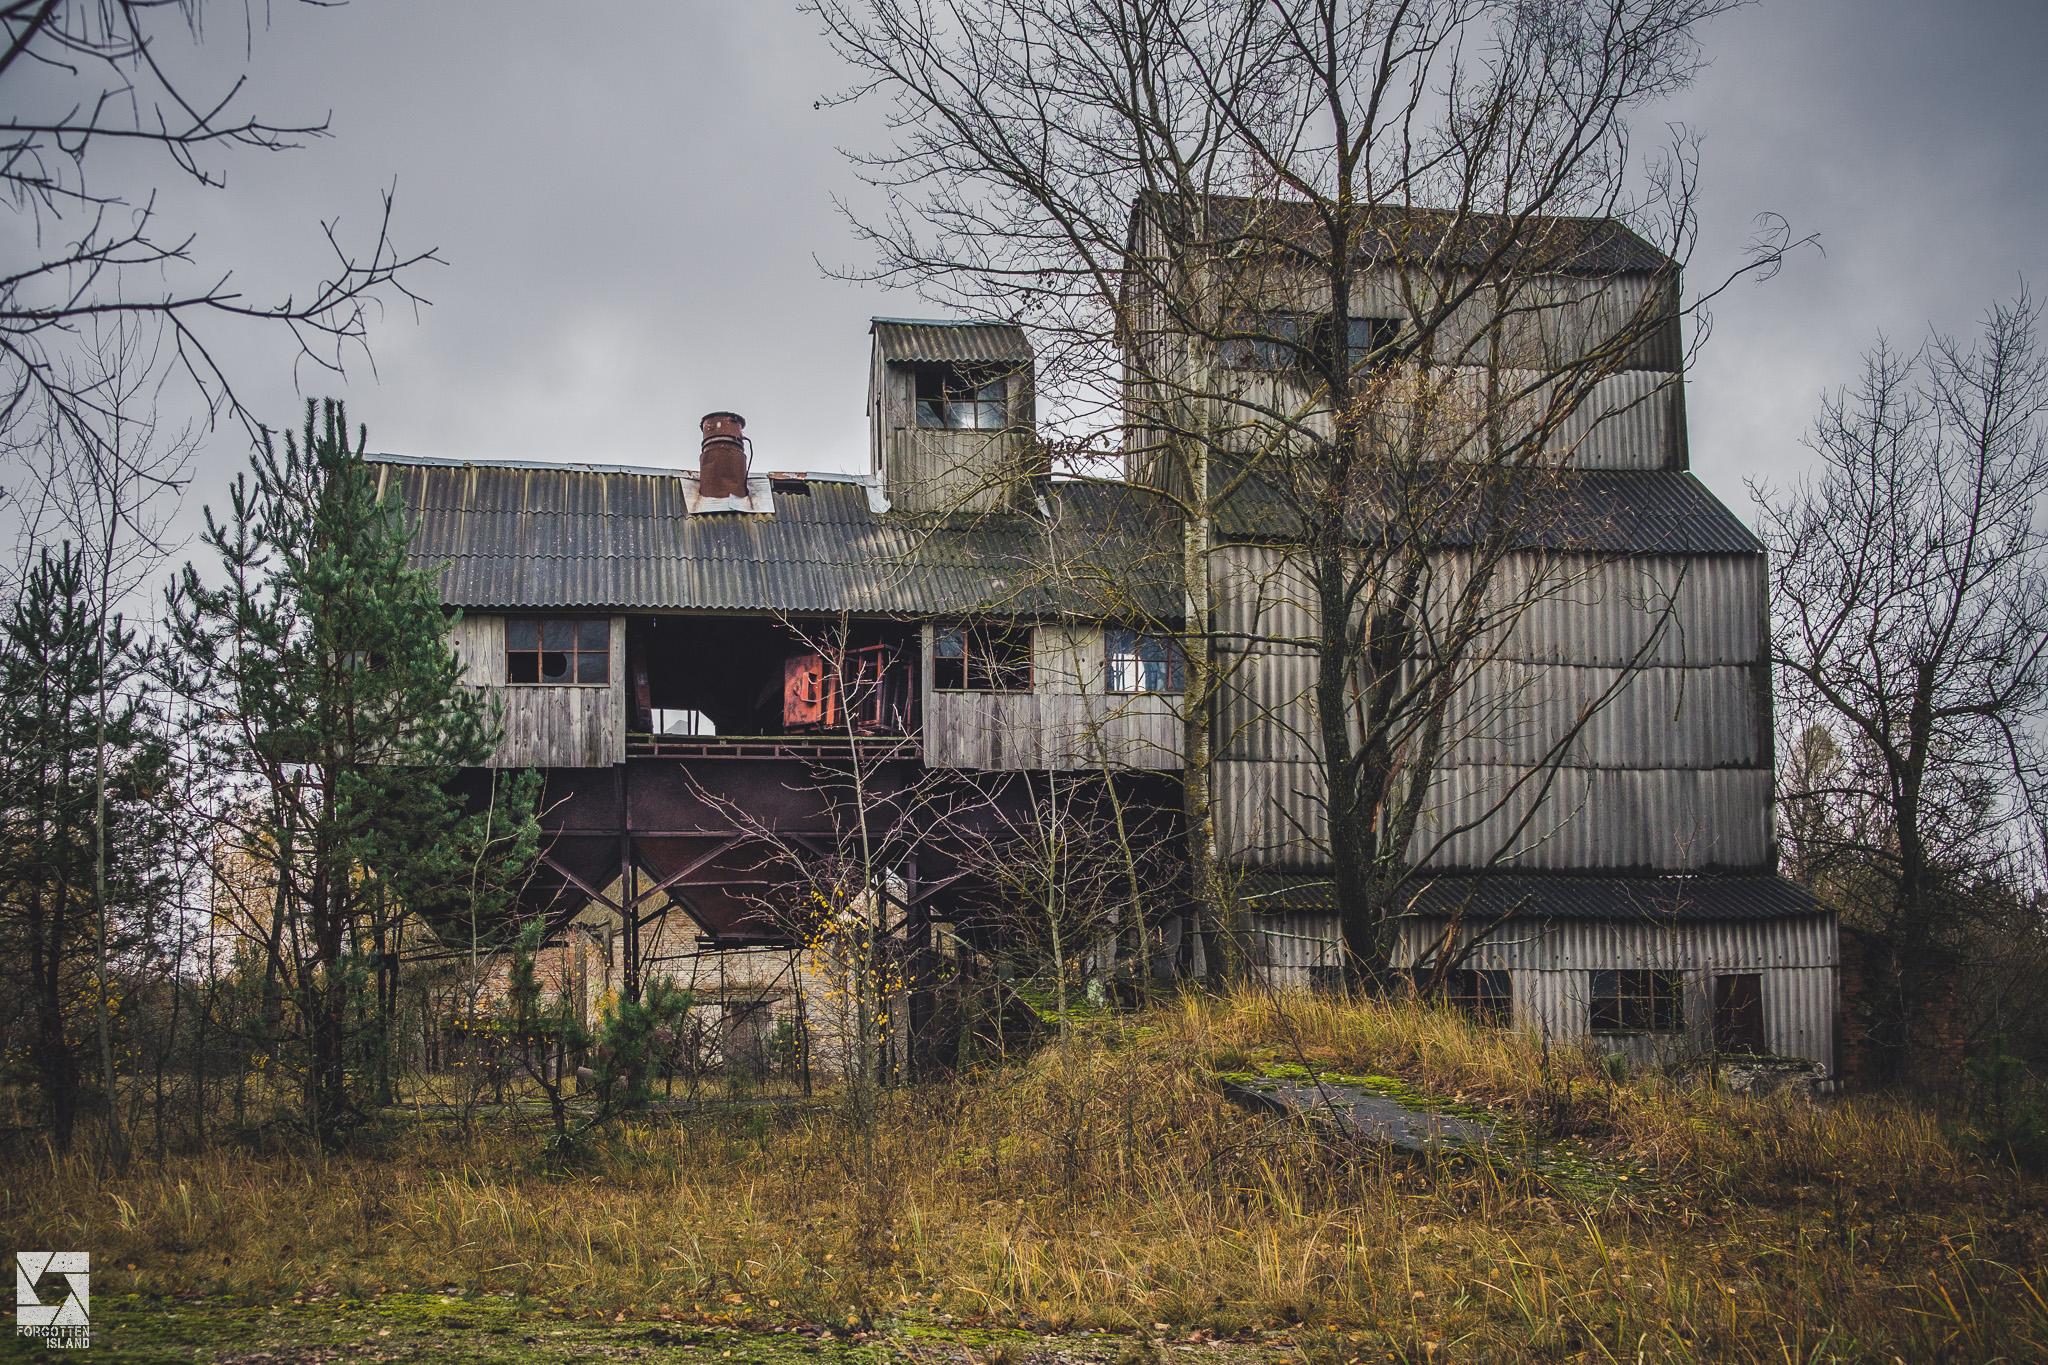 Chernobyl-Zymovyshche-Grain-Elevator-21.